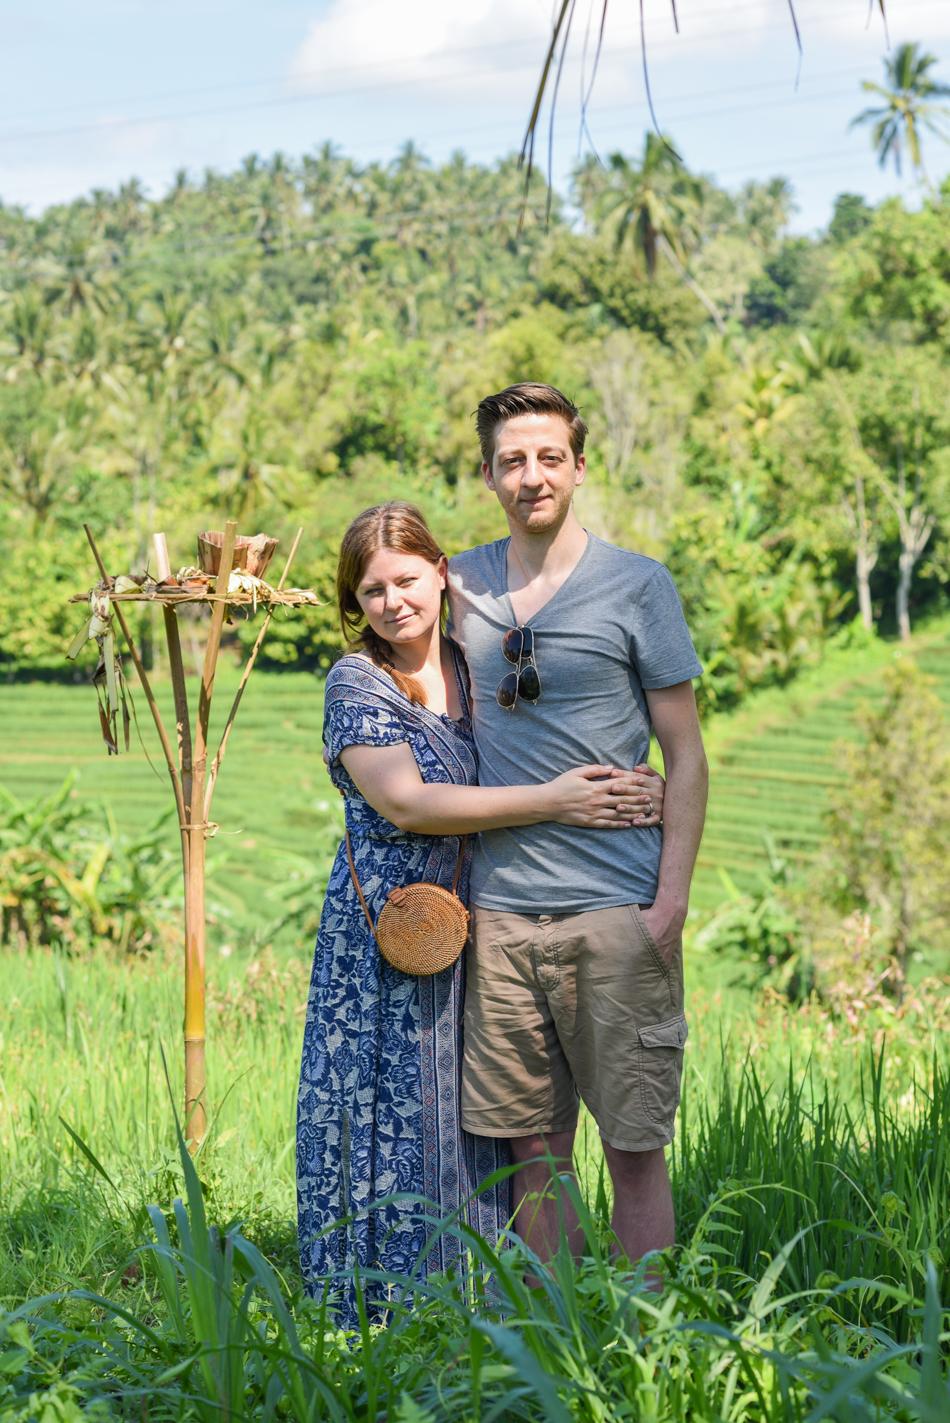 Bali-Honeymoon-Travel-AnaisStoelen-40.jpg